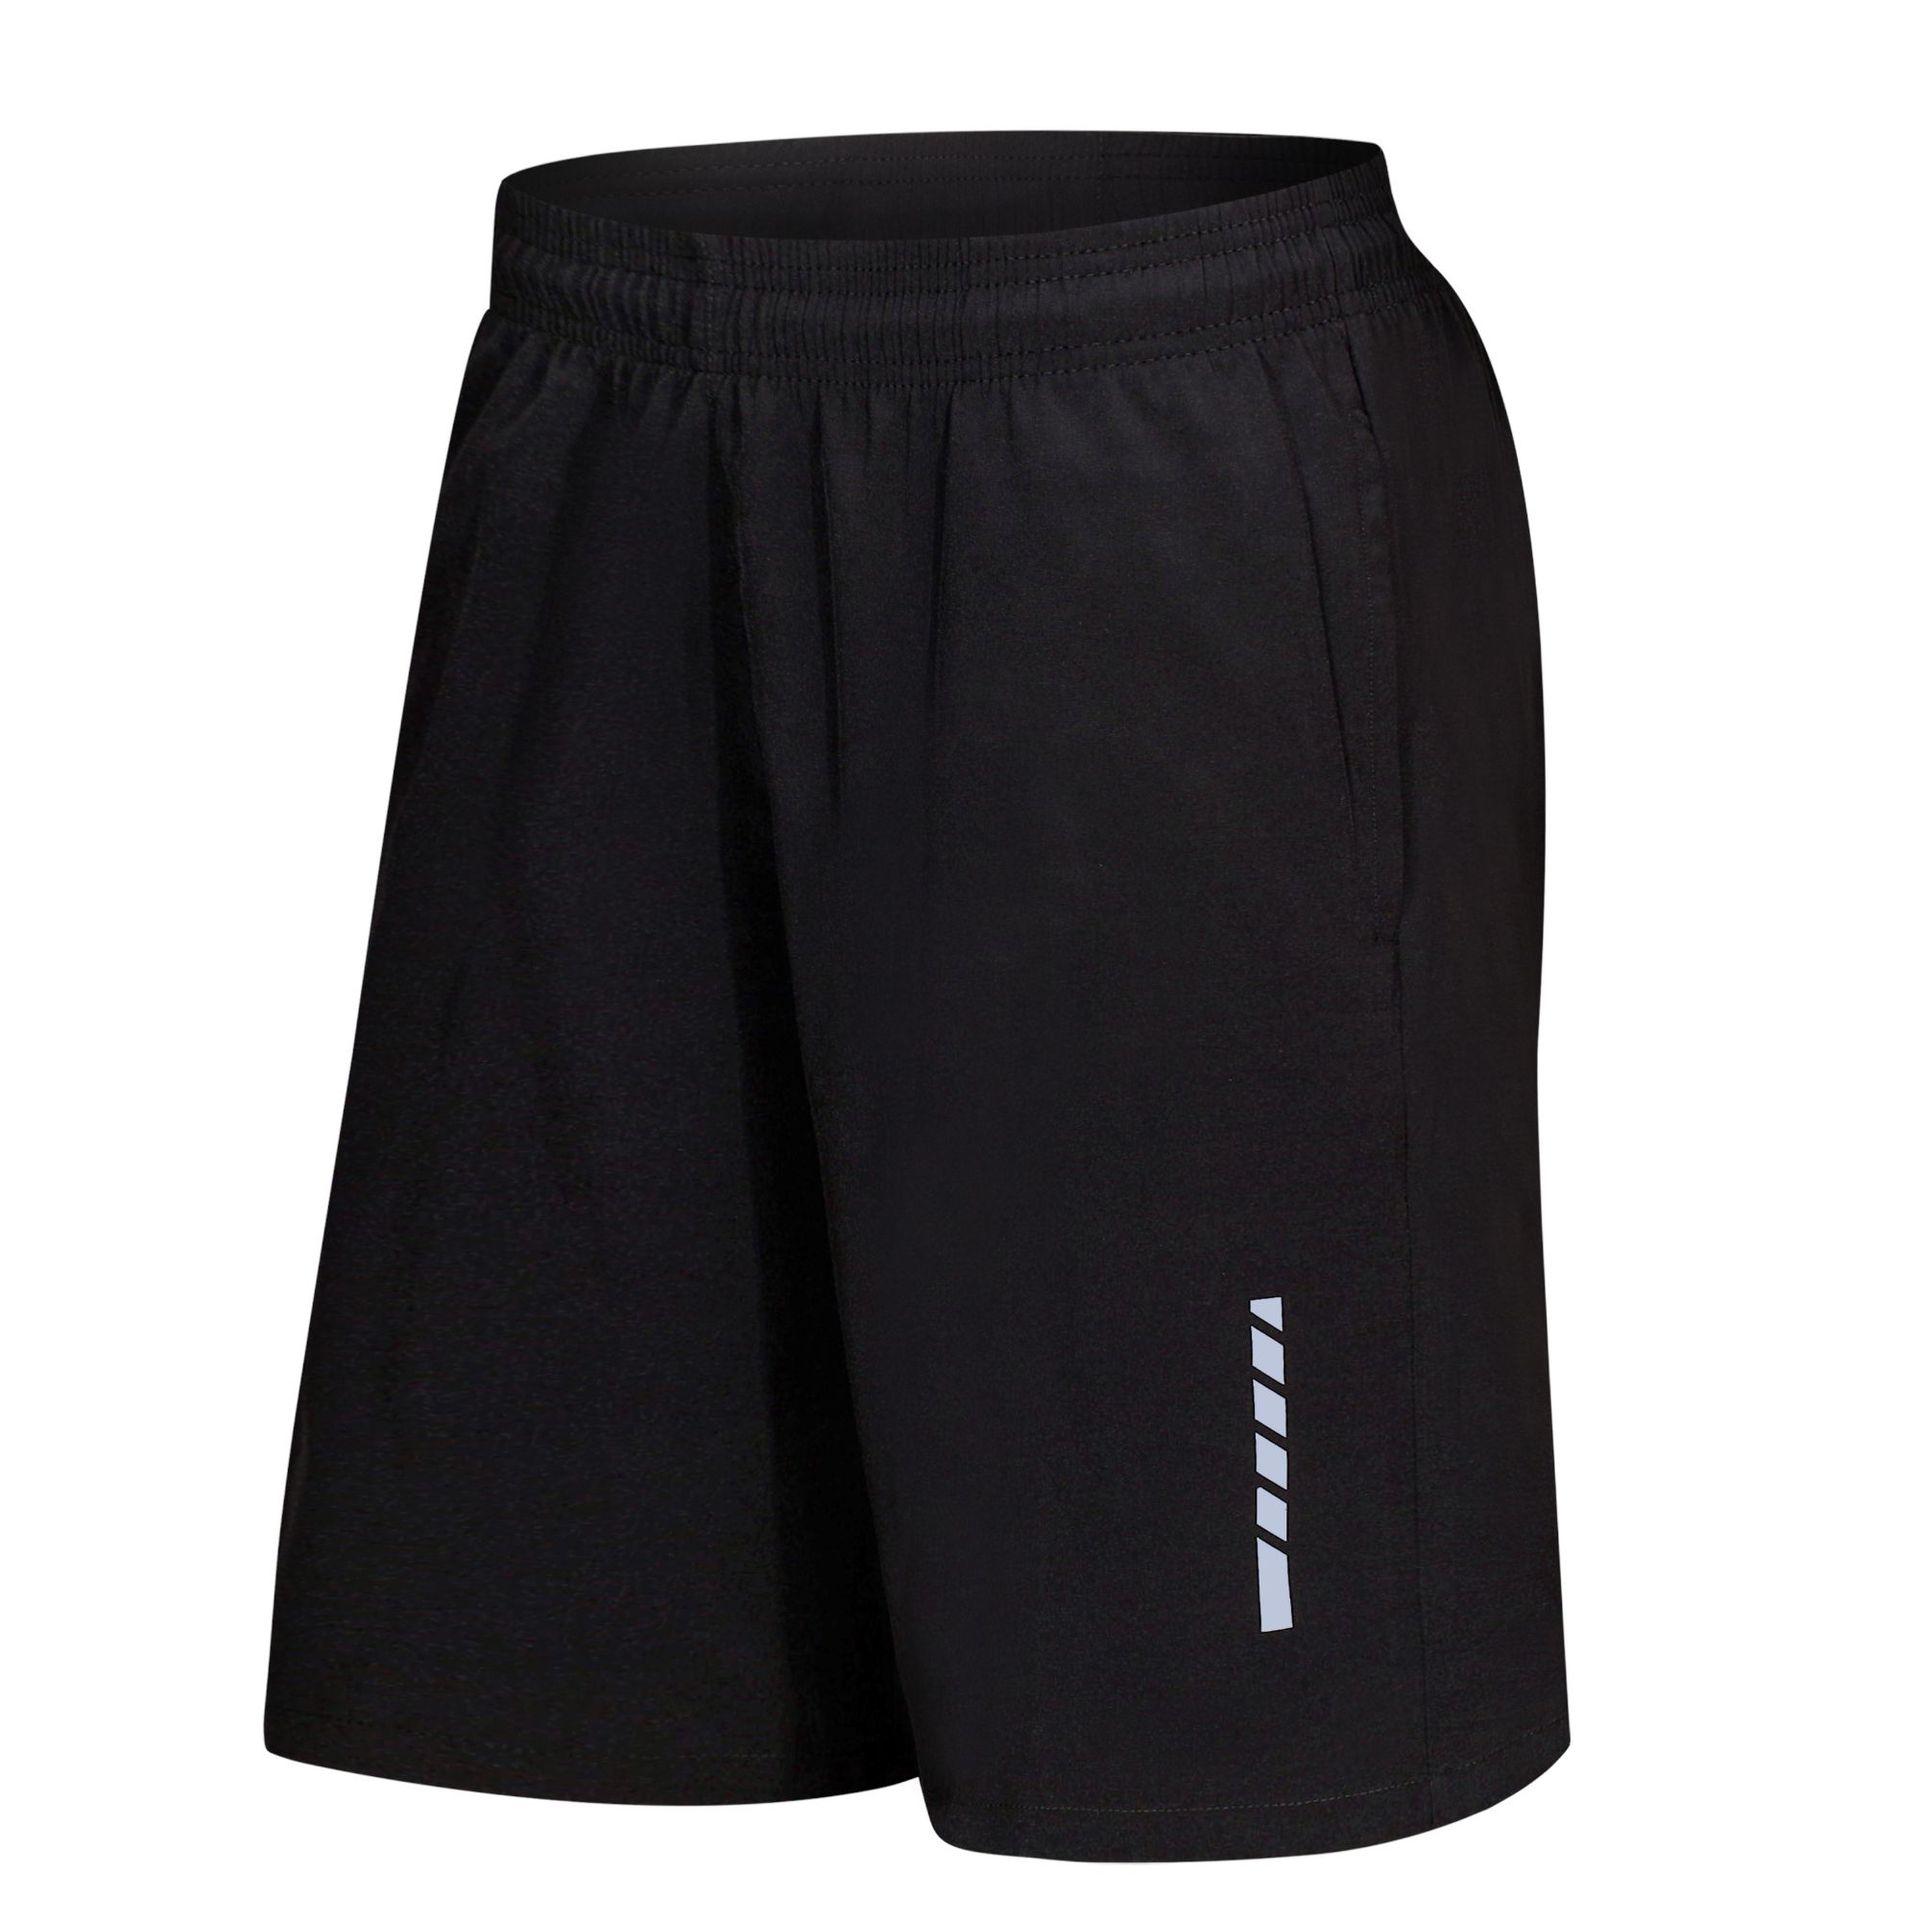 2020休闲运动短裤篮球跑步健身拉链裤舒适清爽快干服